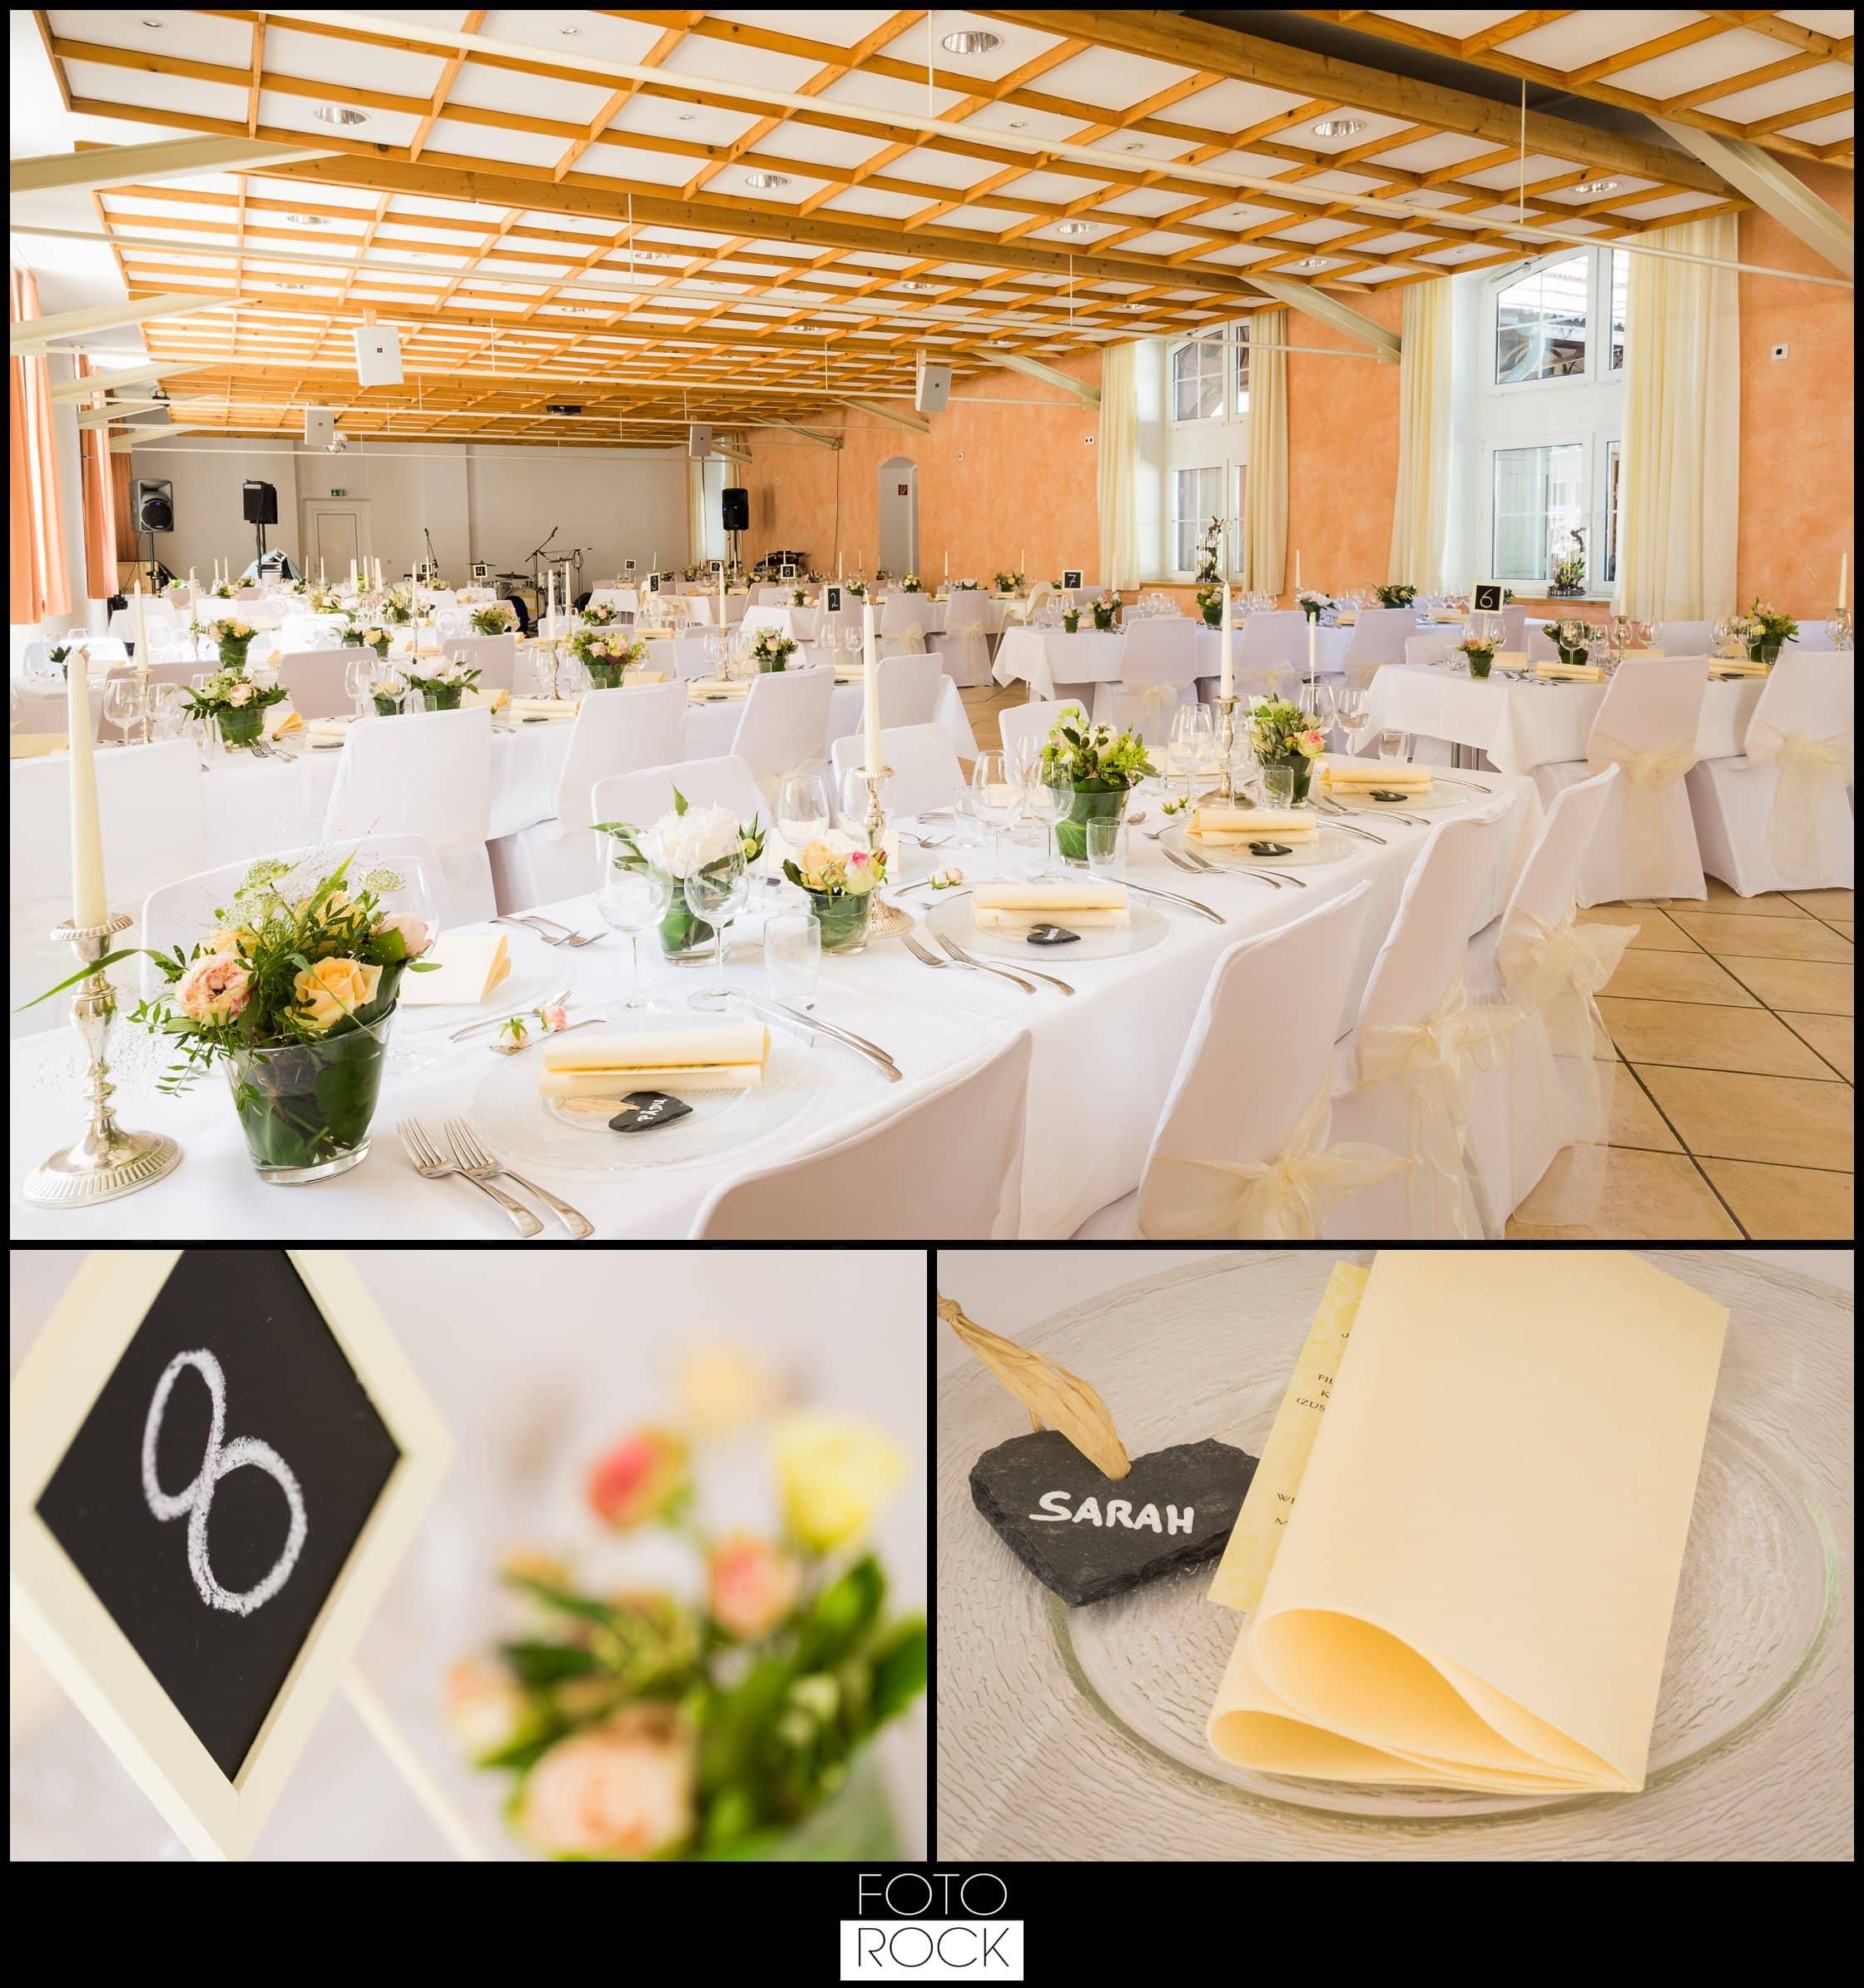 Hochzeit Lilienhof Ihringen Deko Dekoration Tische Stühle Blumen Kerzen